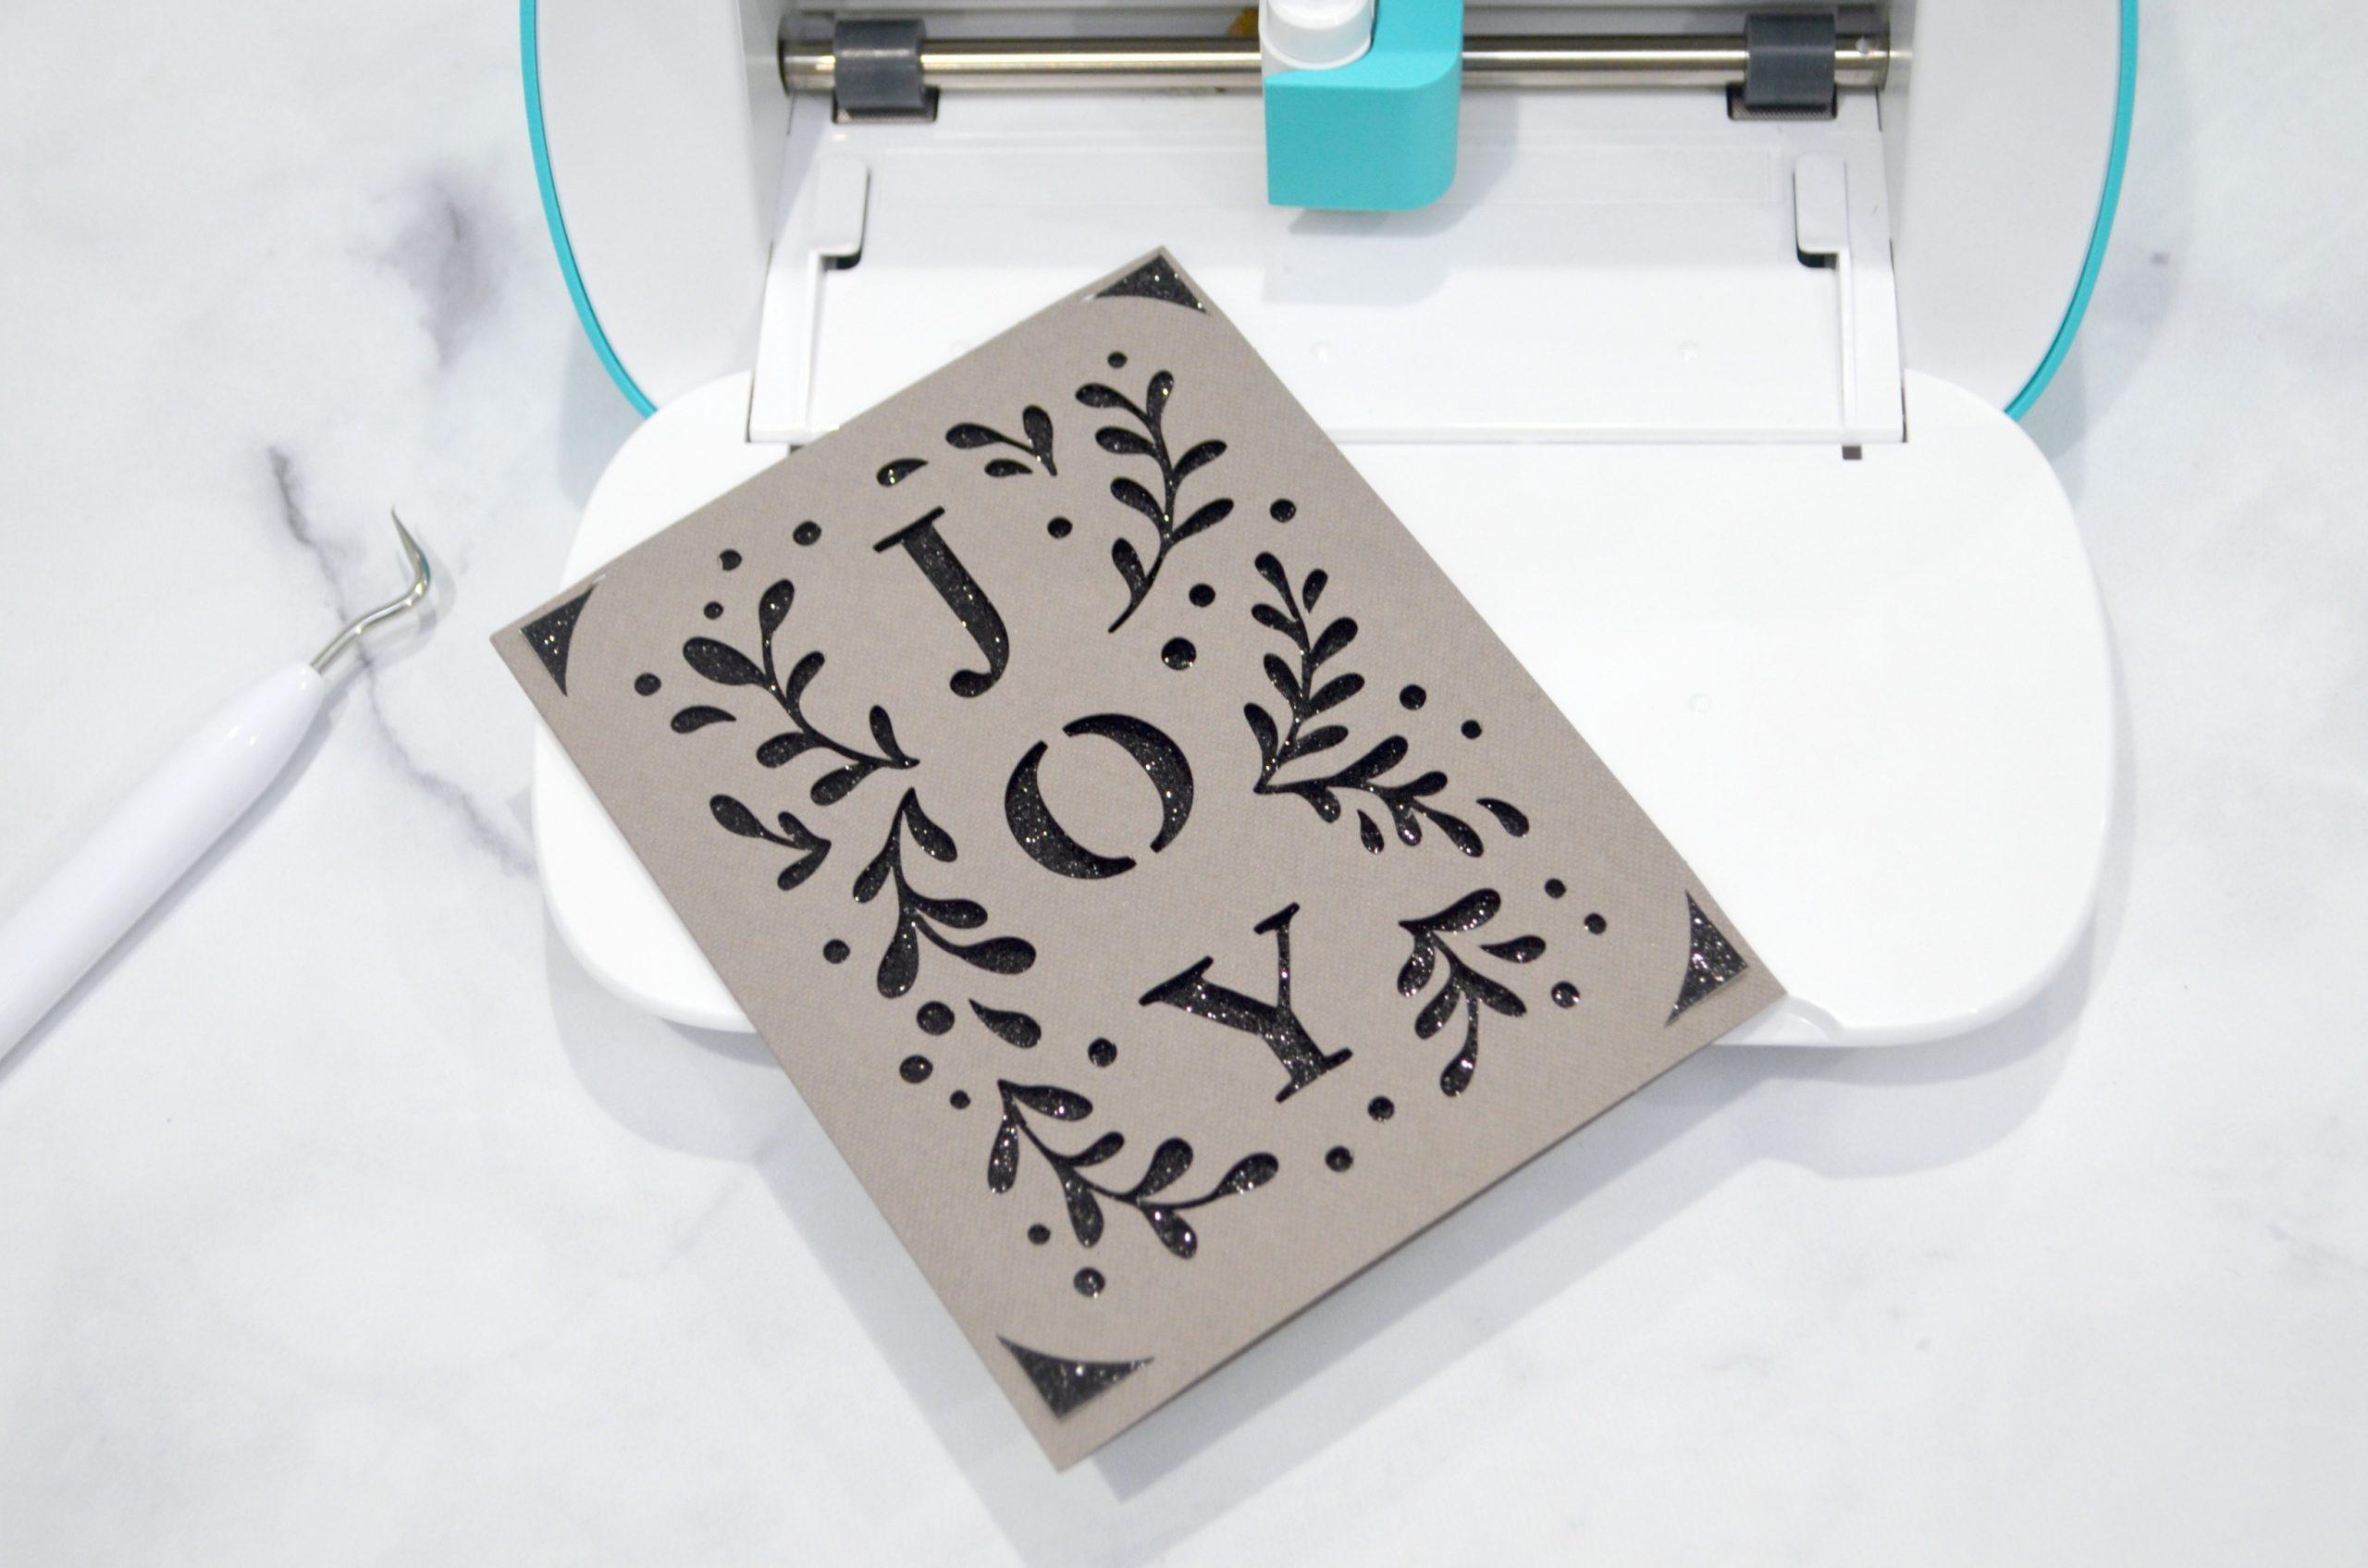 Joy Christmas Card With Cricut Insert Cards Amy Latta Creations